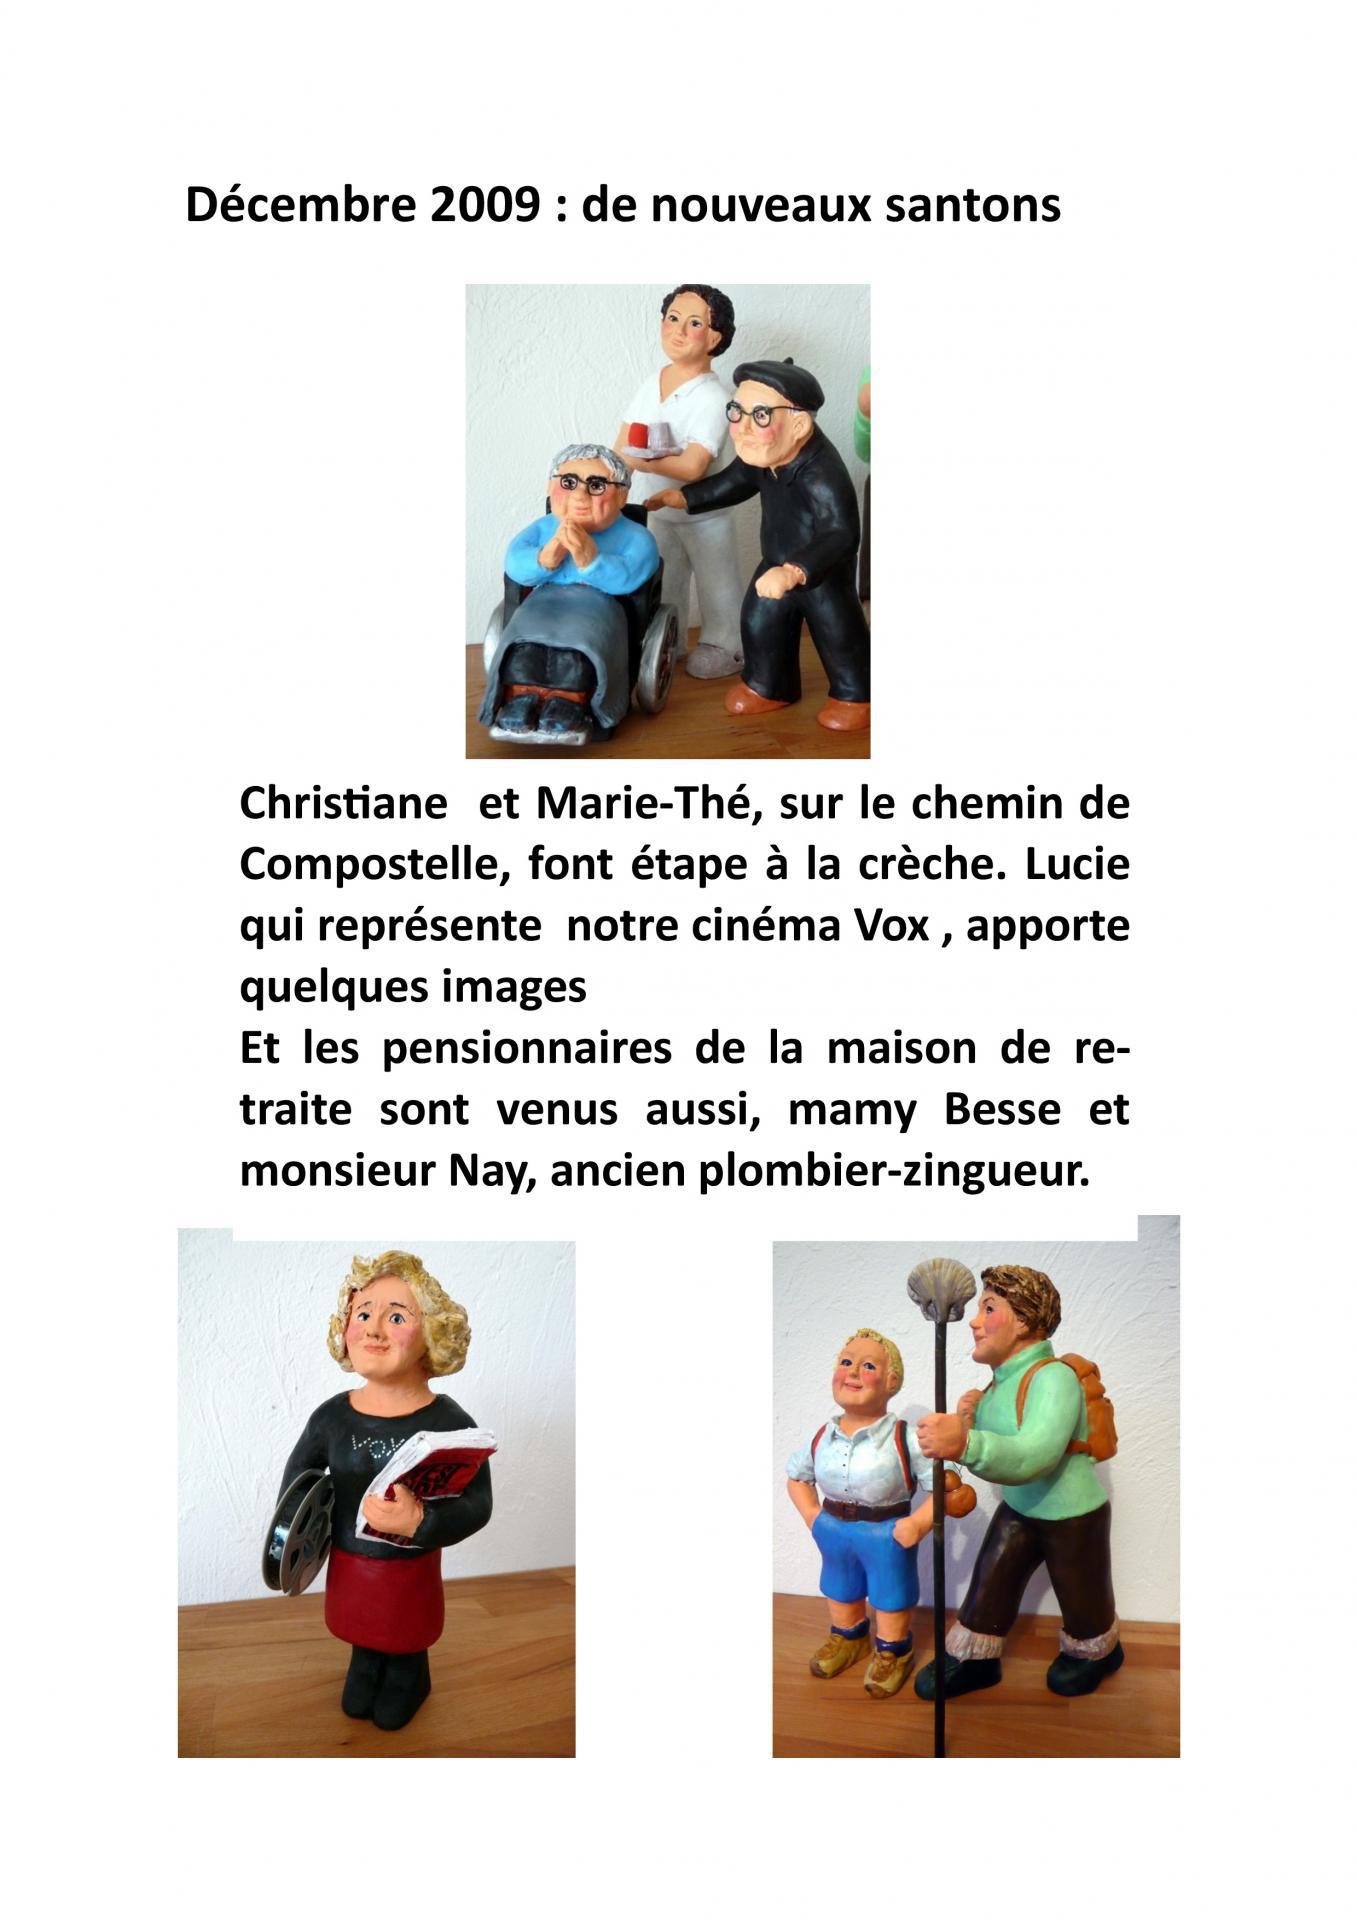 La cra che 11 2009 page 0